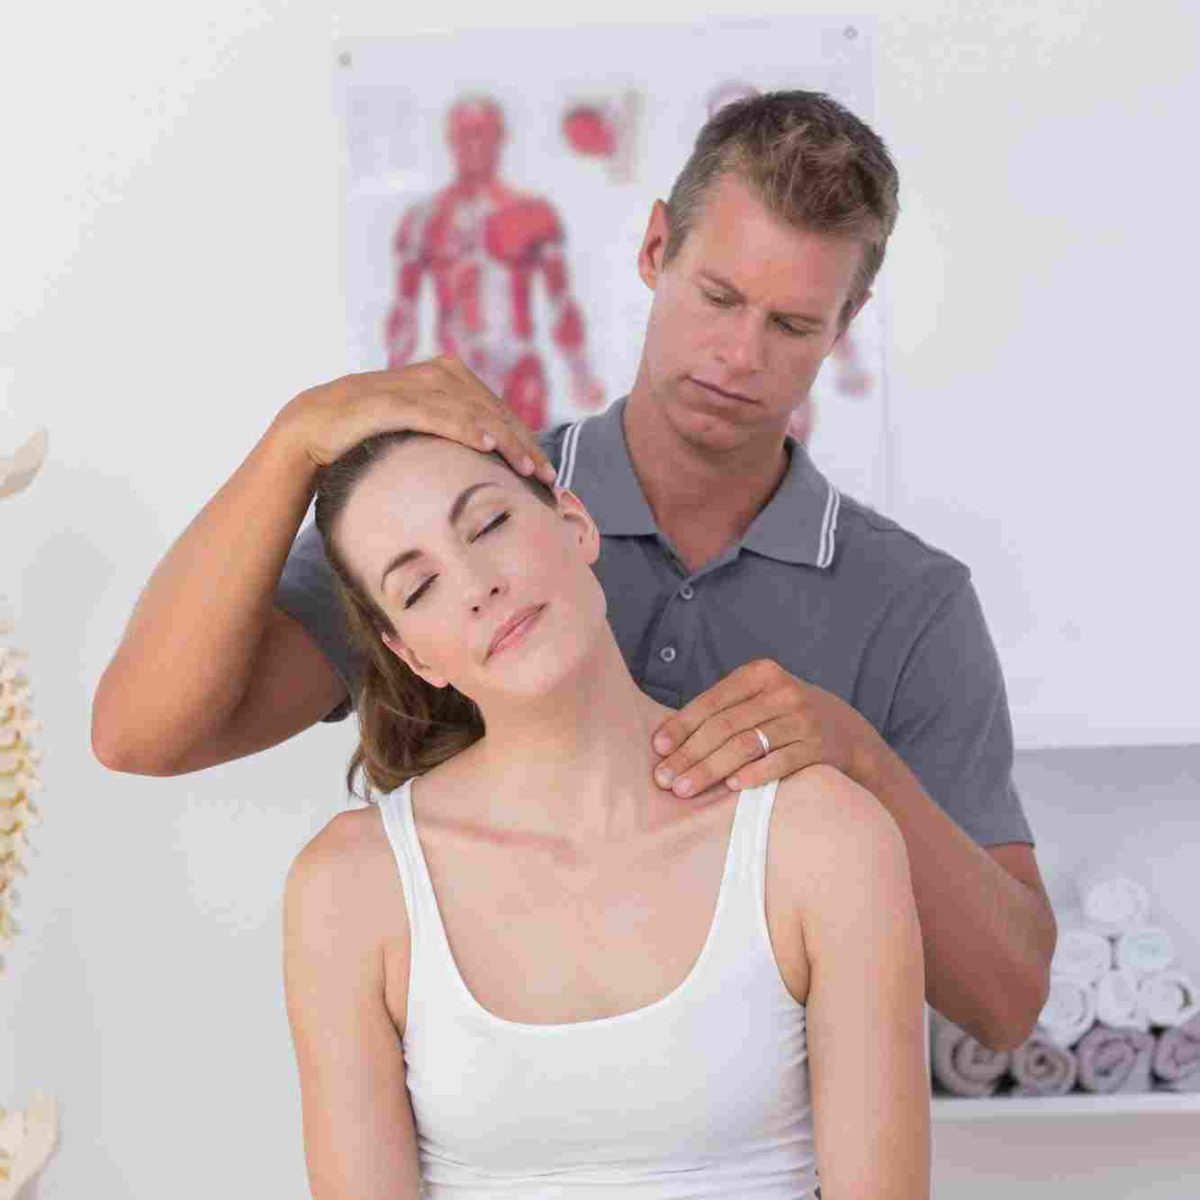 http://www.chiropracteur-plaisance.fr/wp-content/uploads/2015/12/kiroprakticar-1200x1200.jpg